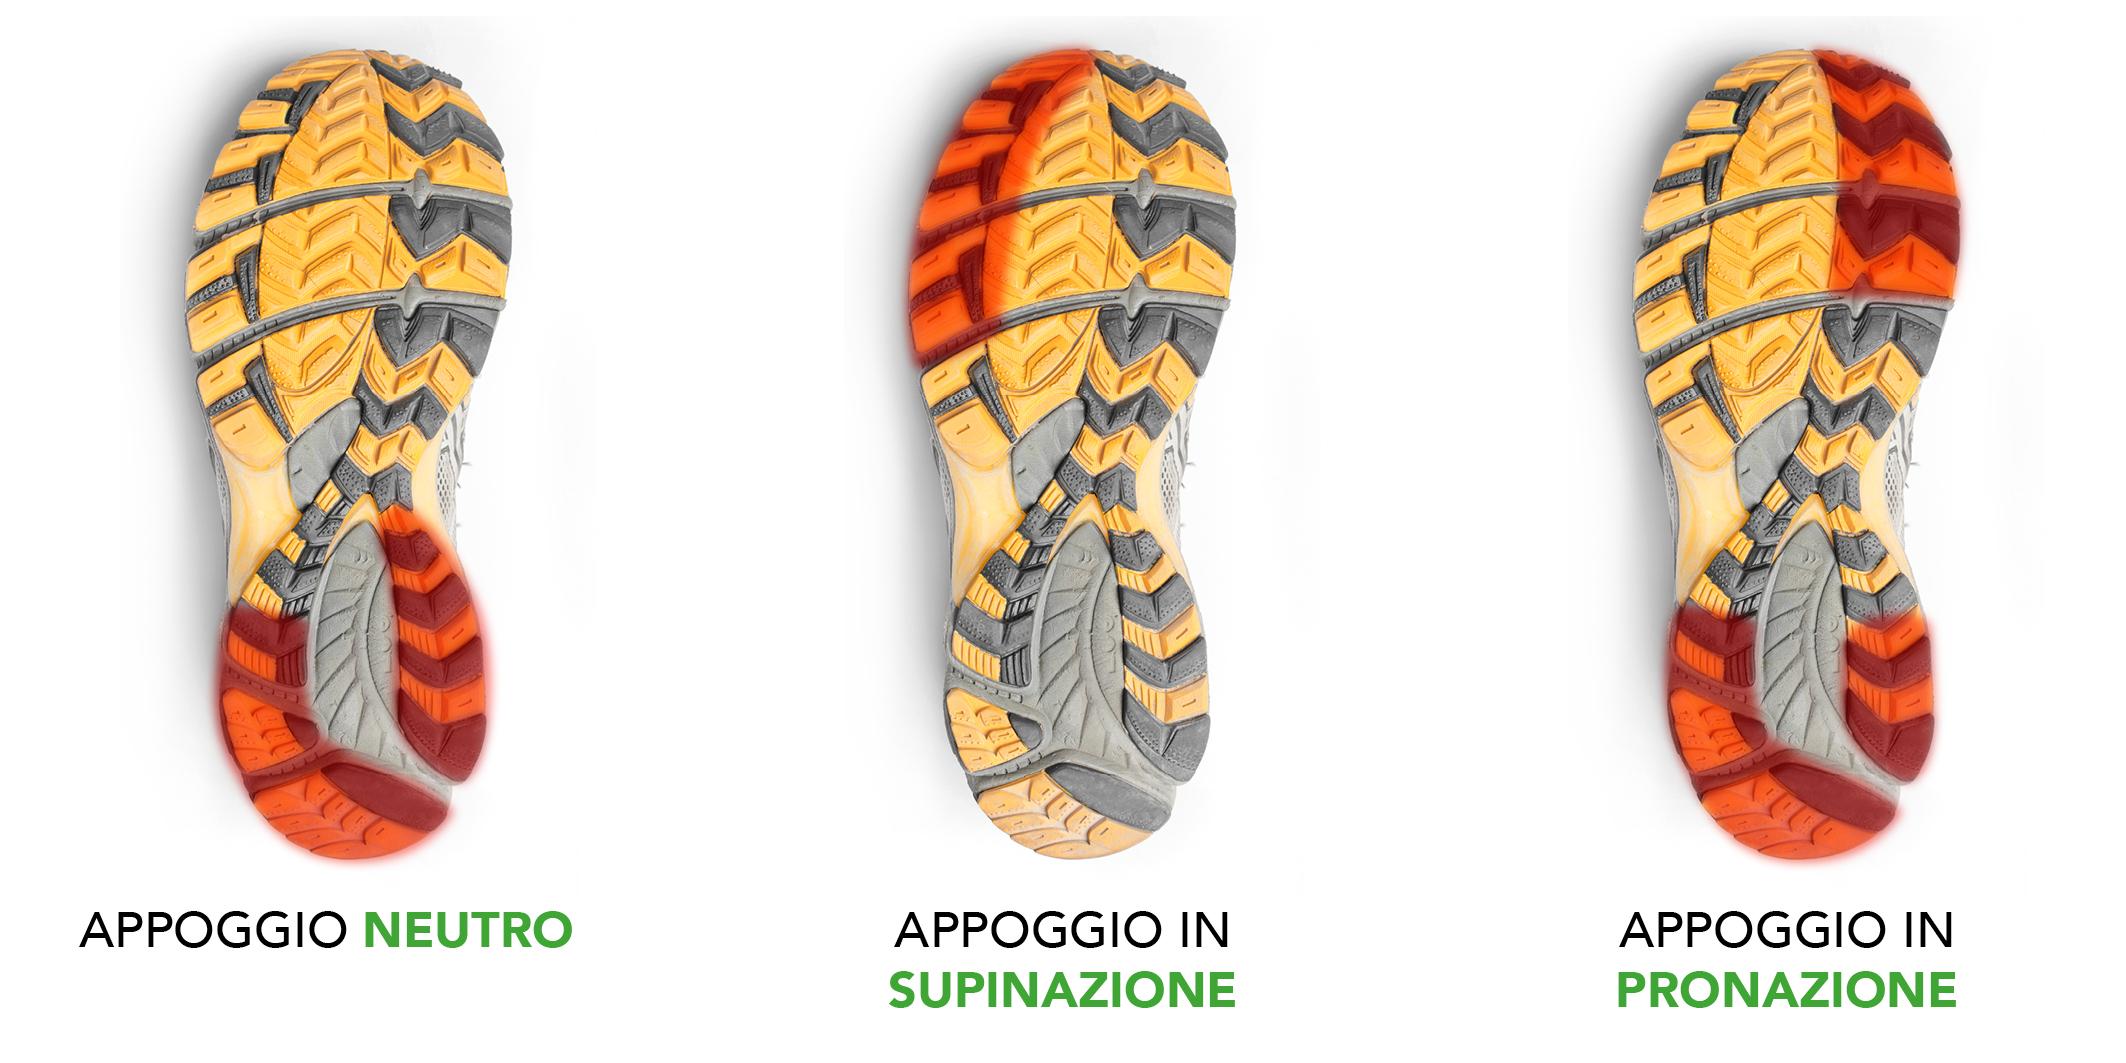 Pronazione o Supinazione: riconosci l'appoggio del piede 4